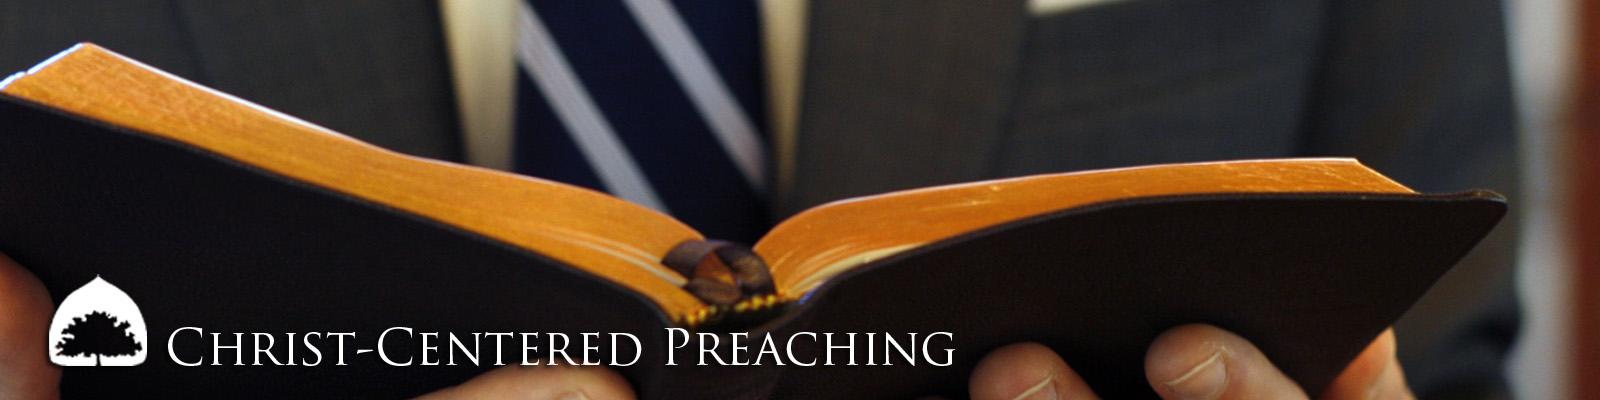 Christ-Centered Preaching Joel.jpg